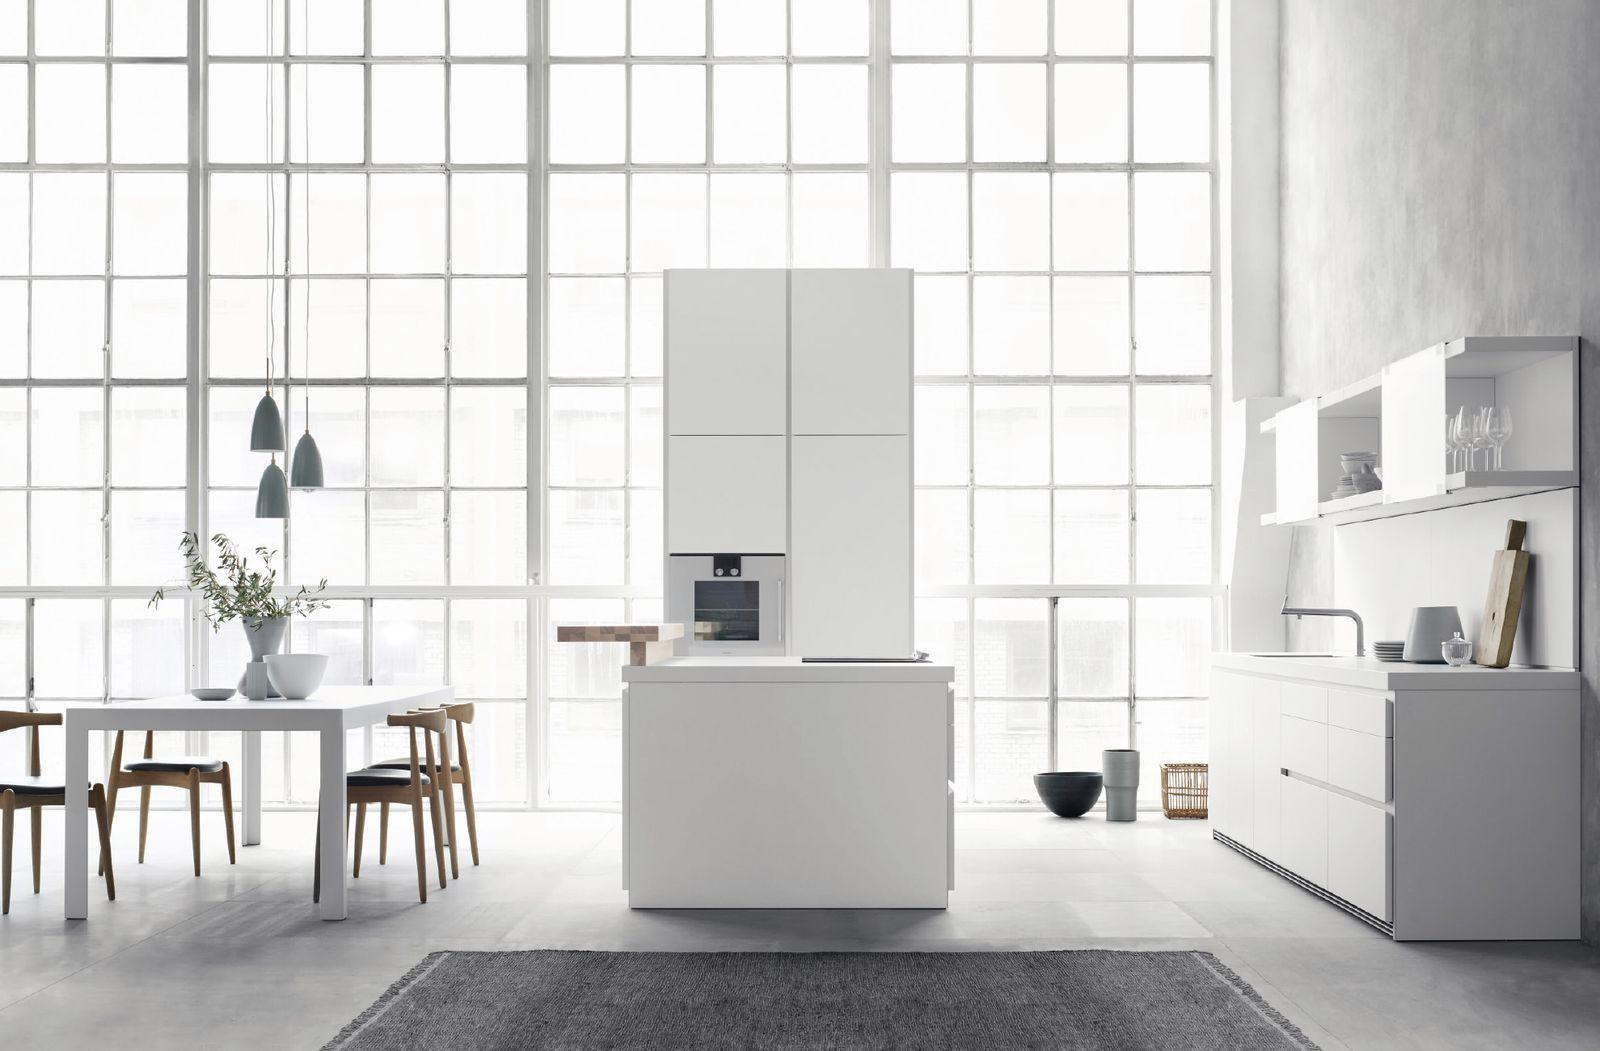 Carta bianca: le cucine scelgono il non colore per ...